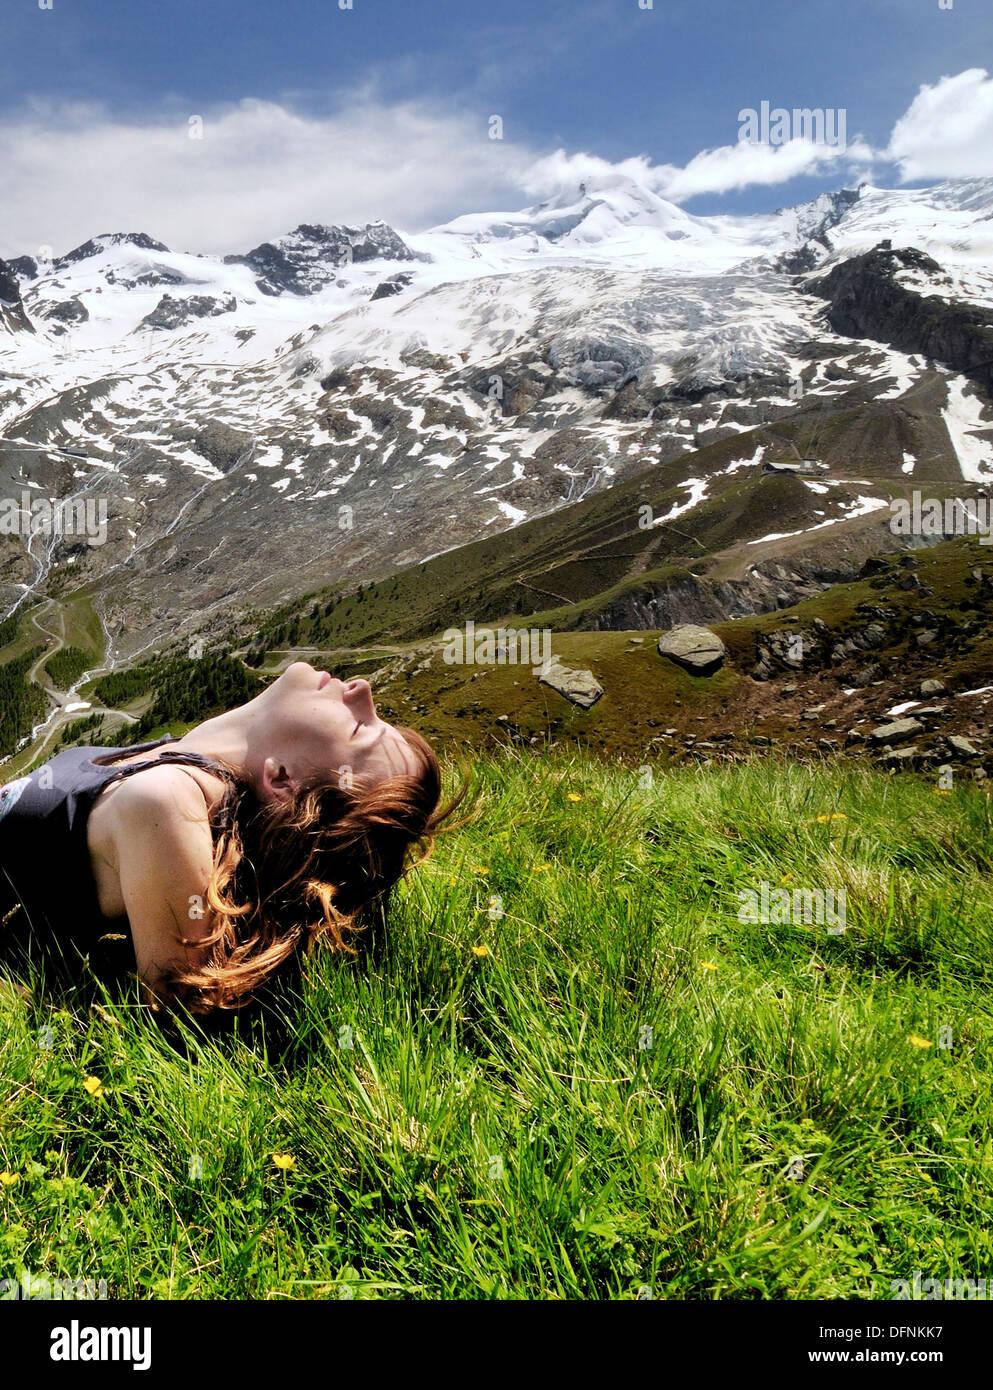 Visage de jeune femme au soleil, bain de soleil, des loisirs, de la santé, Swiss Alps, Suisse Photo Stock